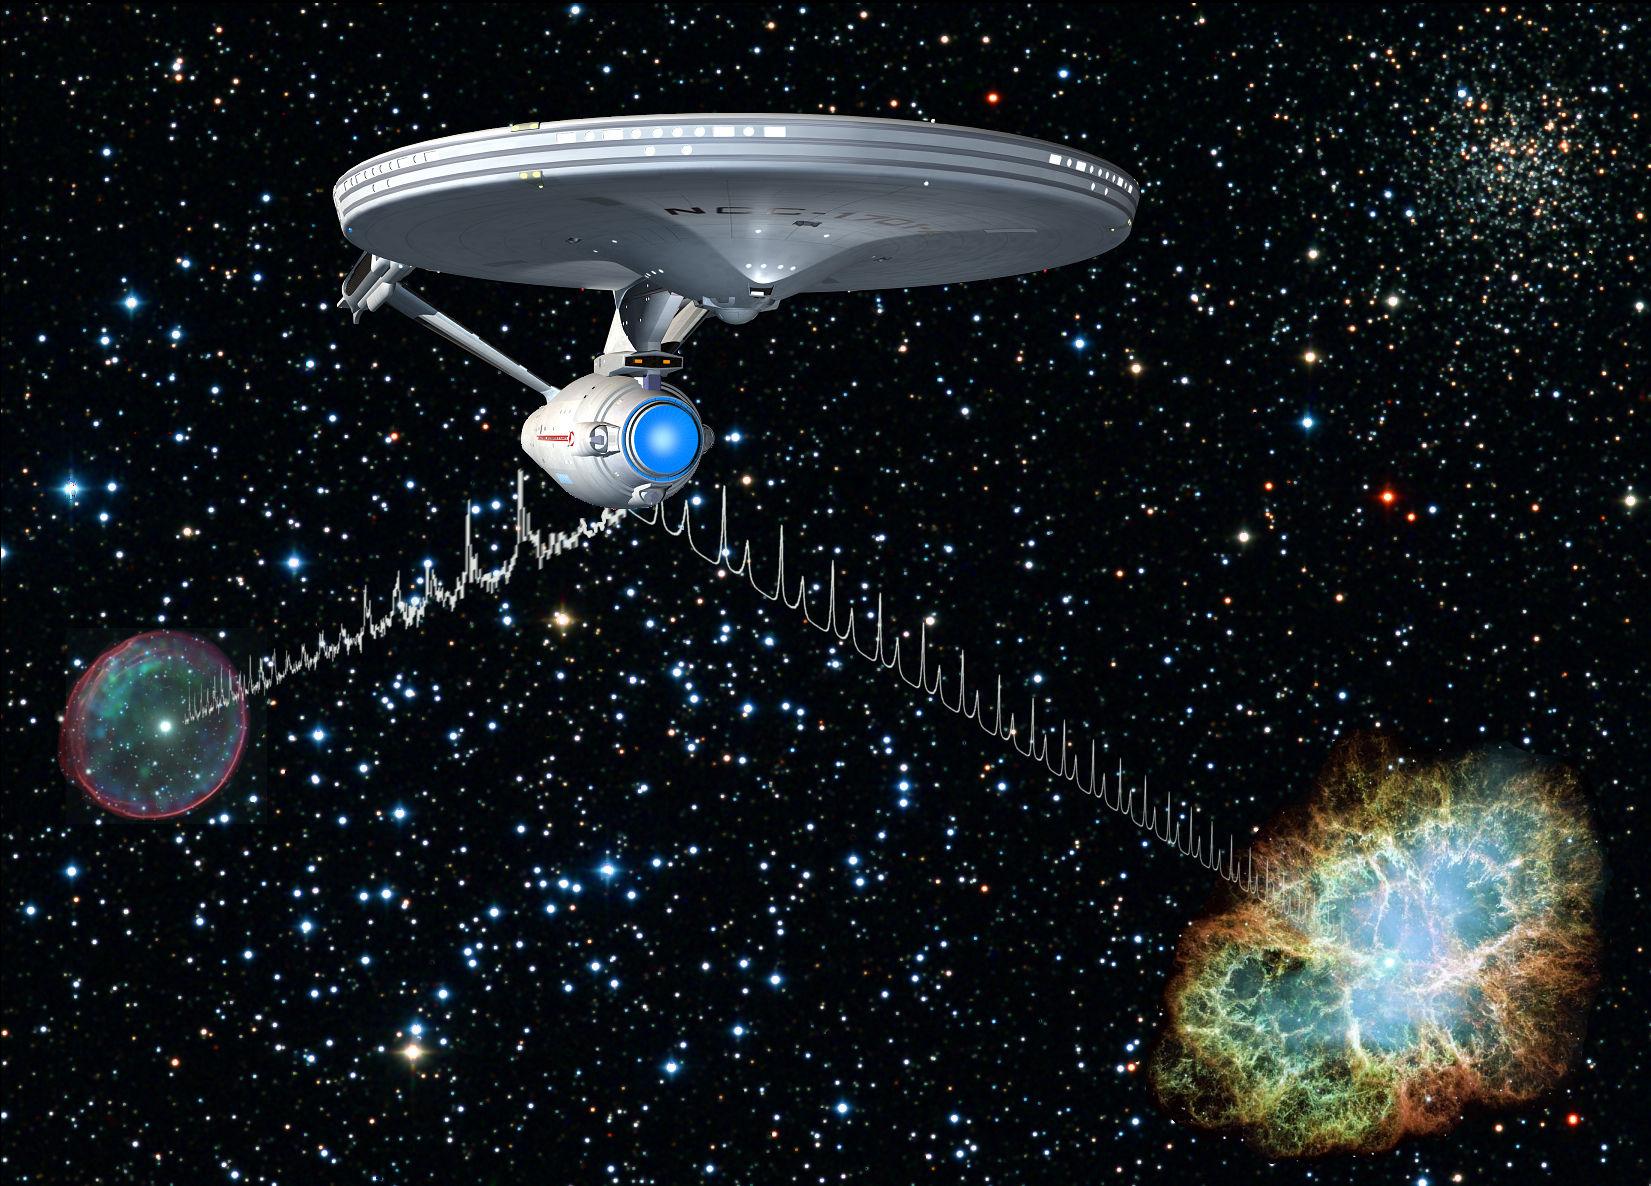 Ученые отыскали способ проведения независимых межпланетных полетов